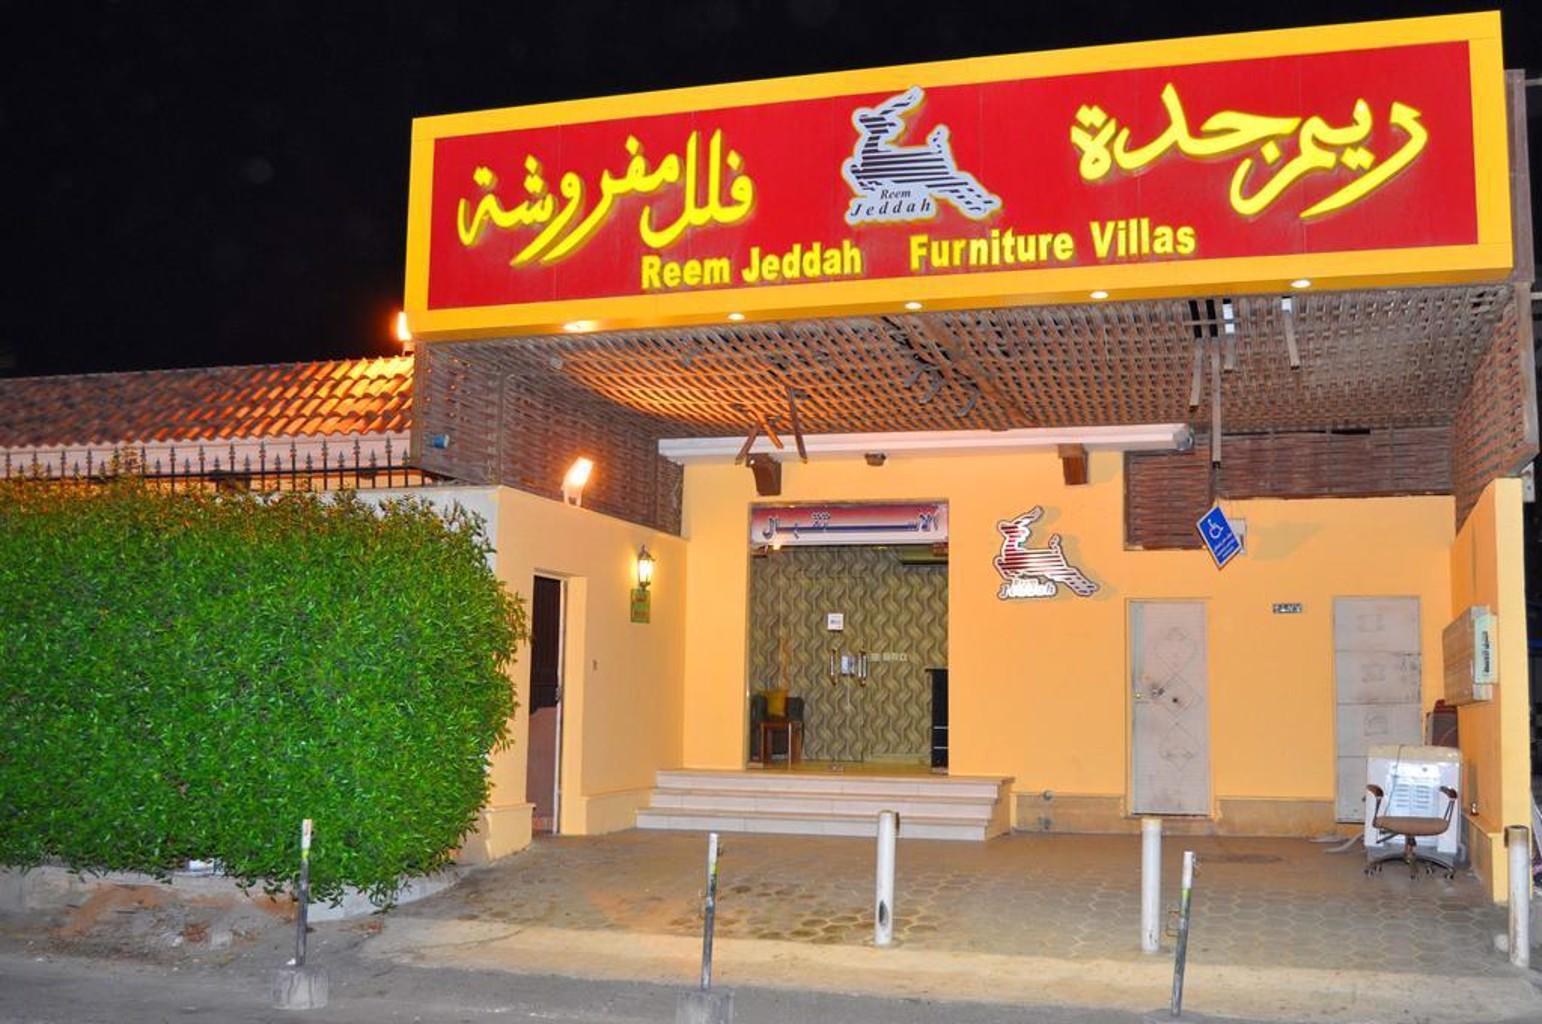 Reem Jeddah Villas